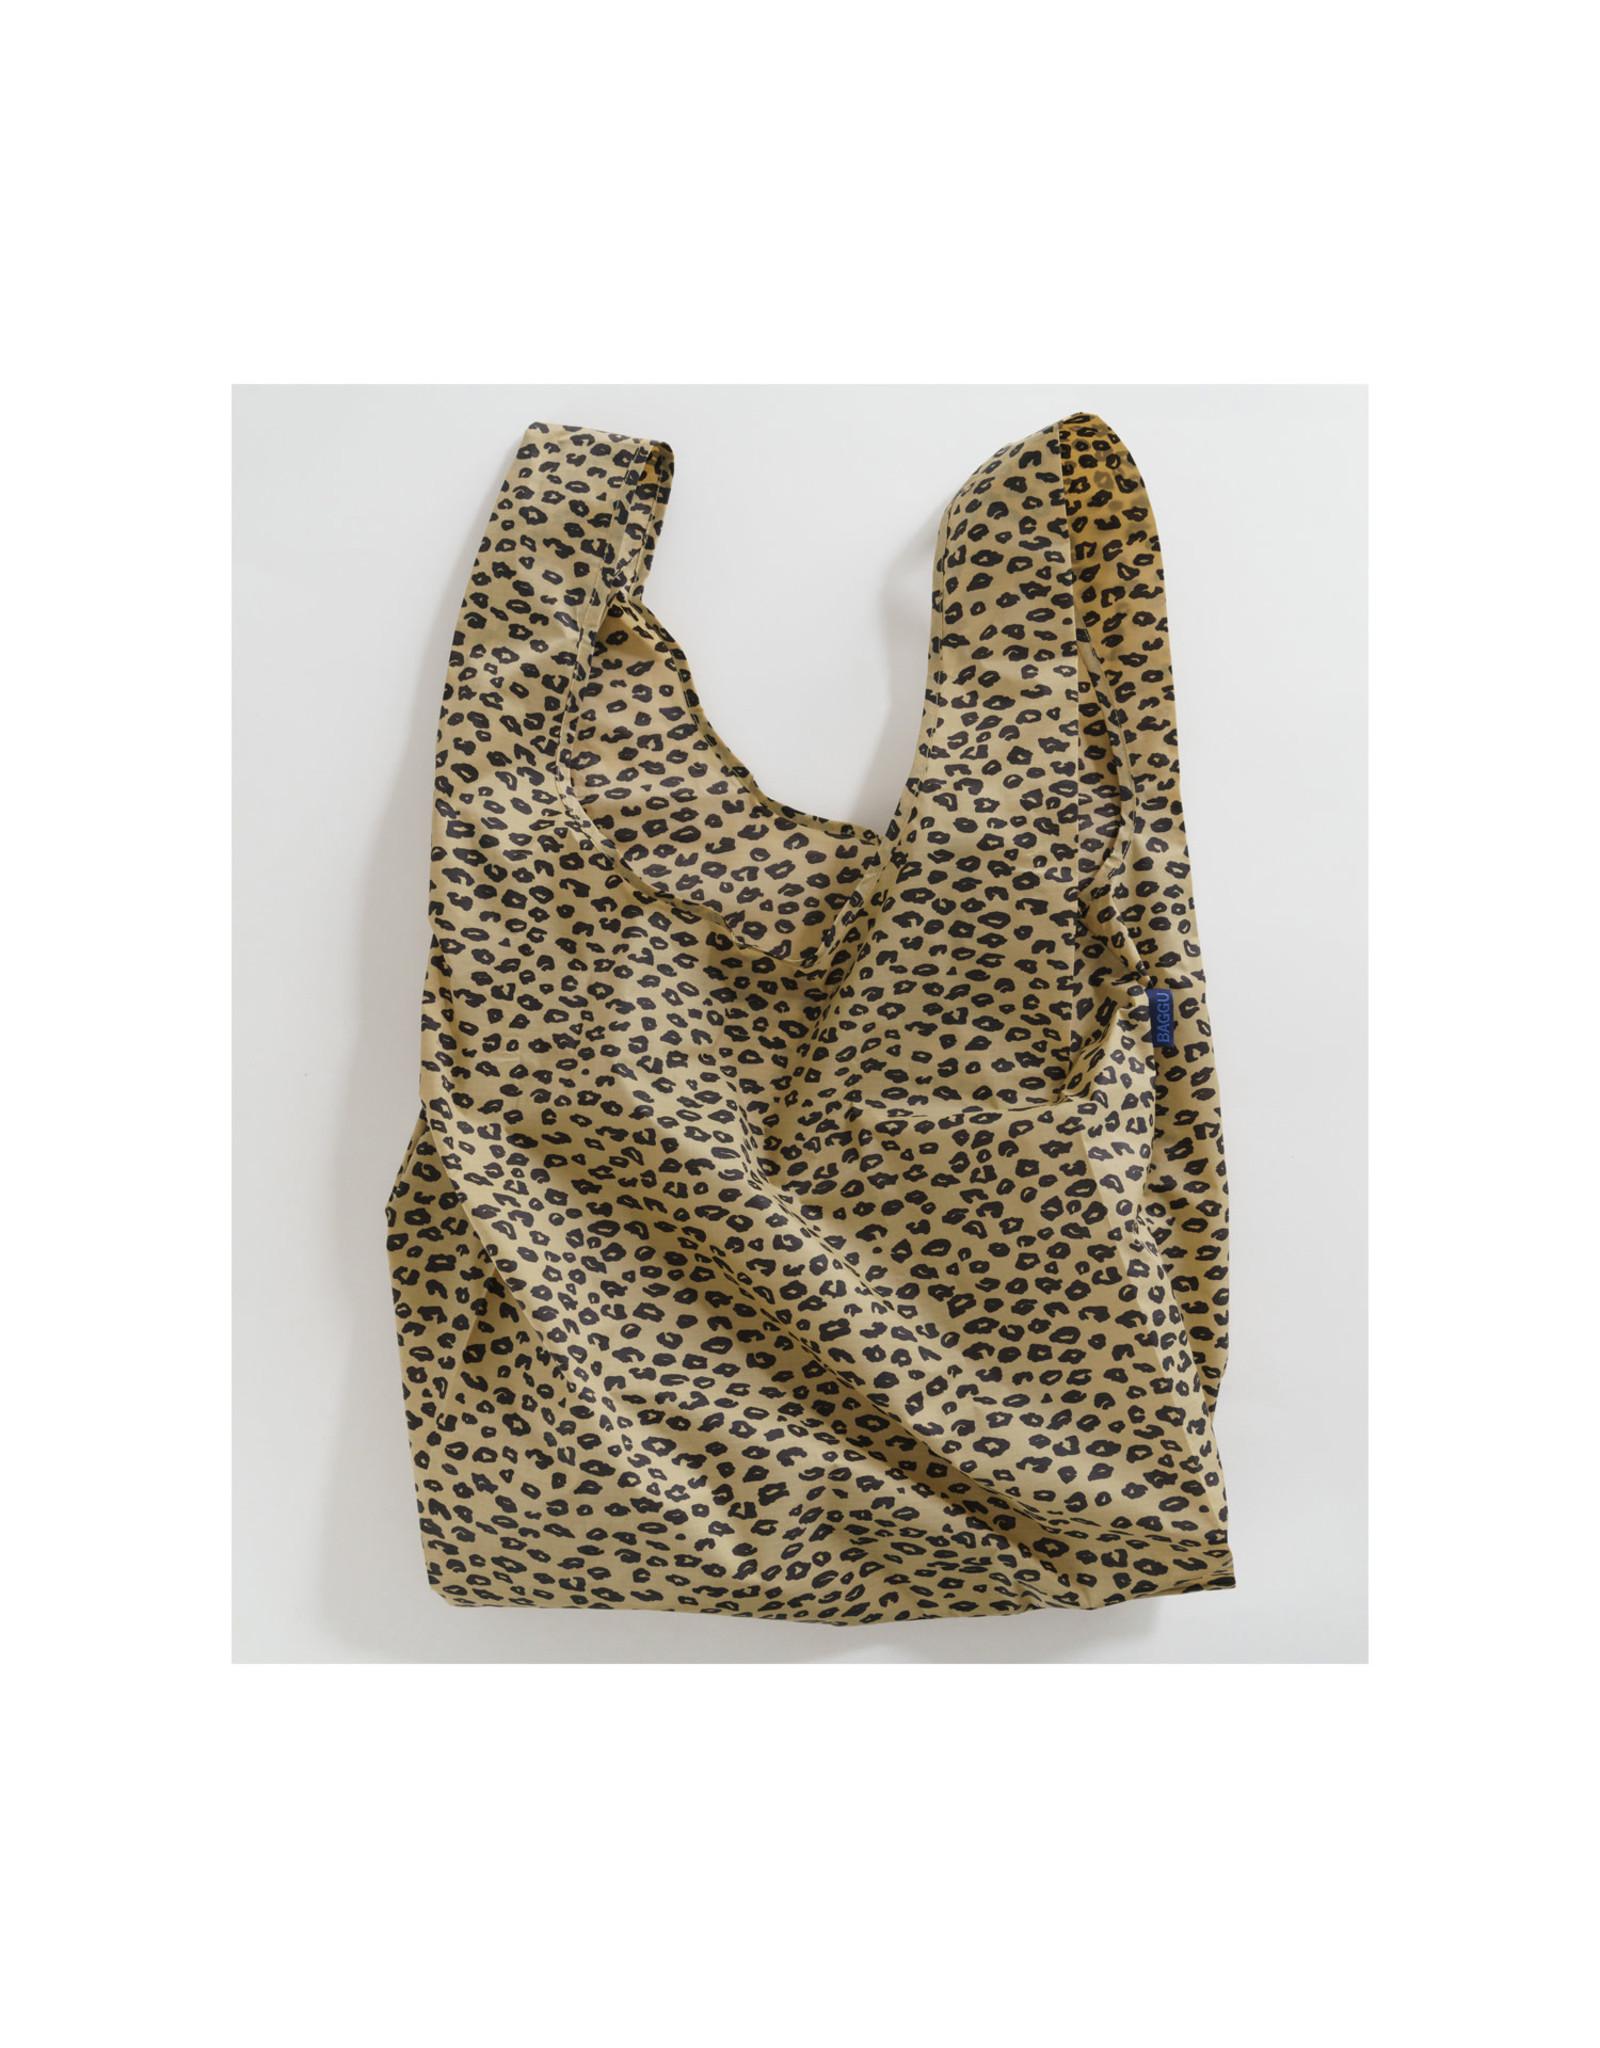 Baggu Big, Honey Leopard